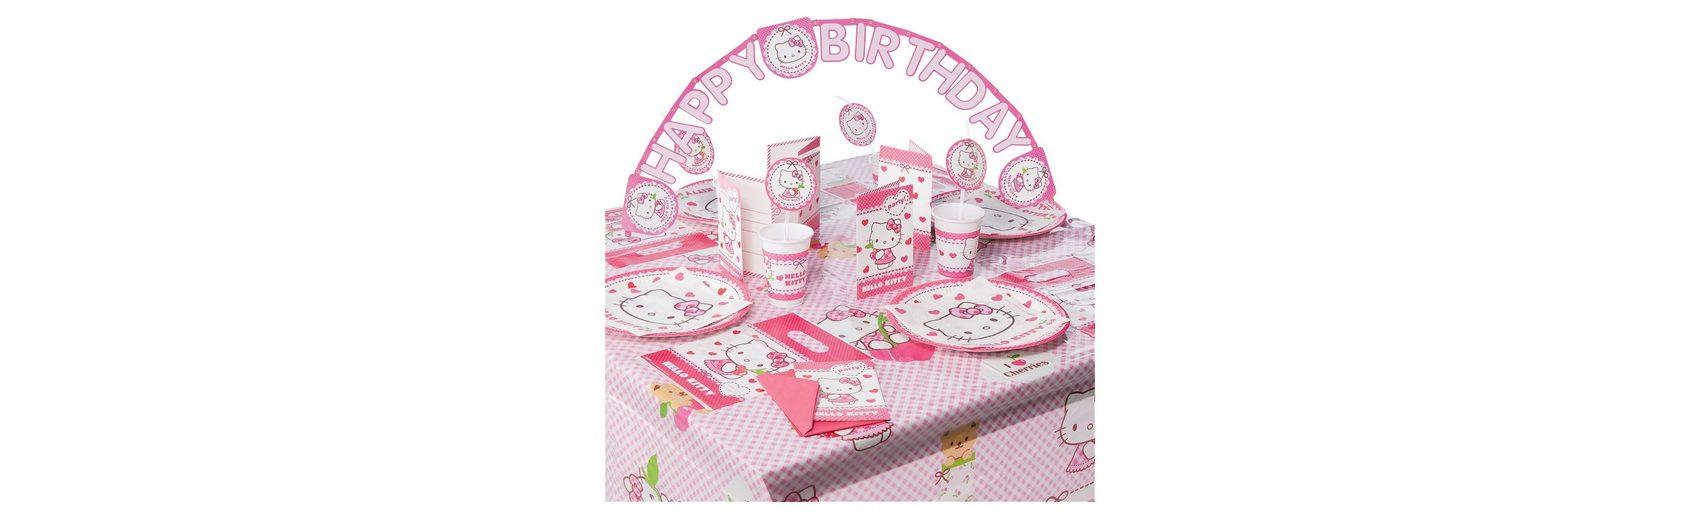 Procos Partyset Hello Kitty Hearts 56-tlg.